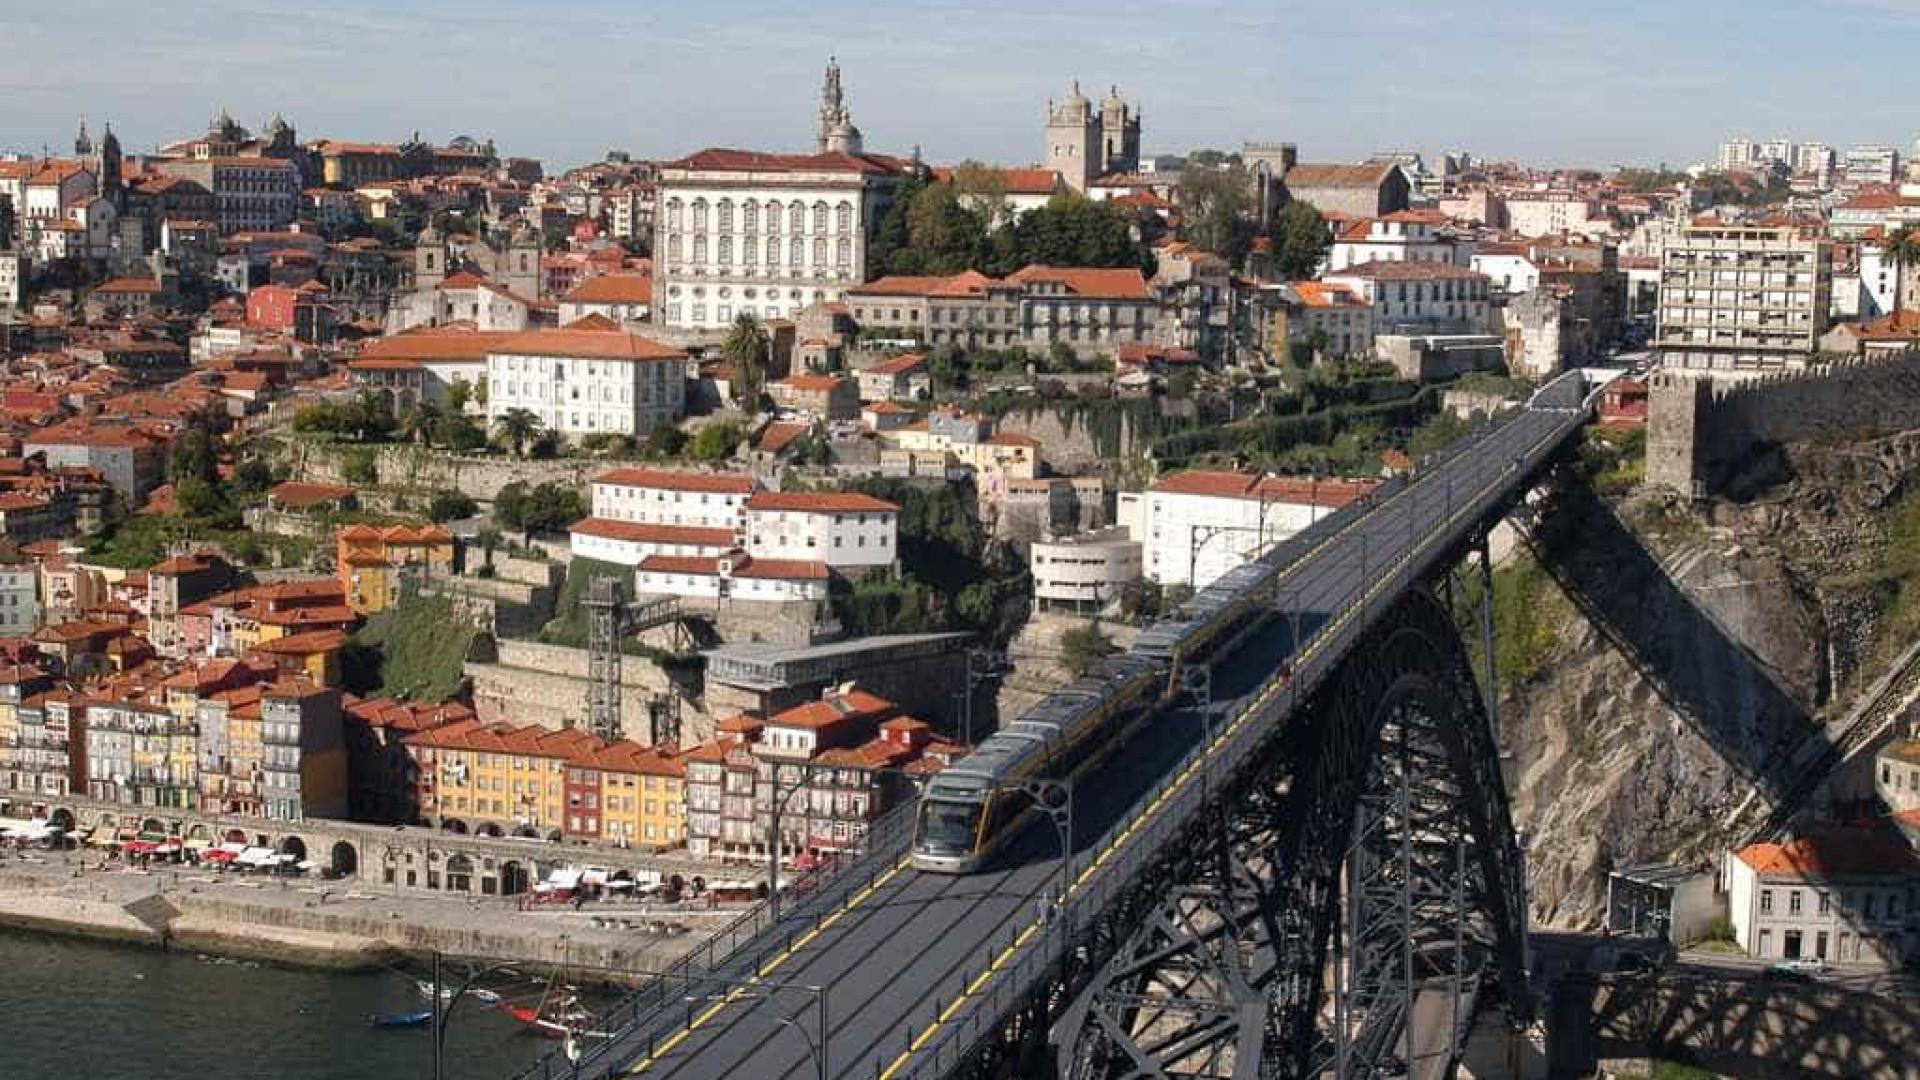 Investimento imobiliário no Centro do Porto de 49 milhões no 1.º semestre